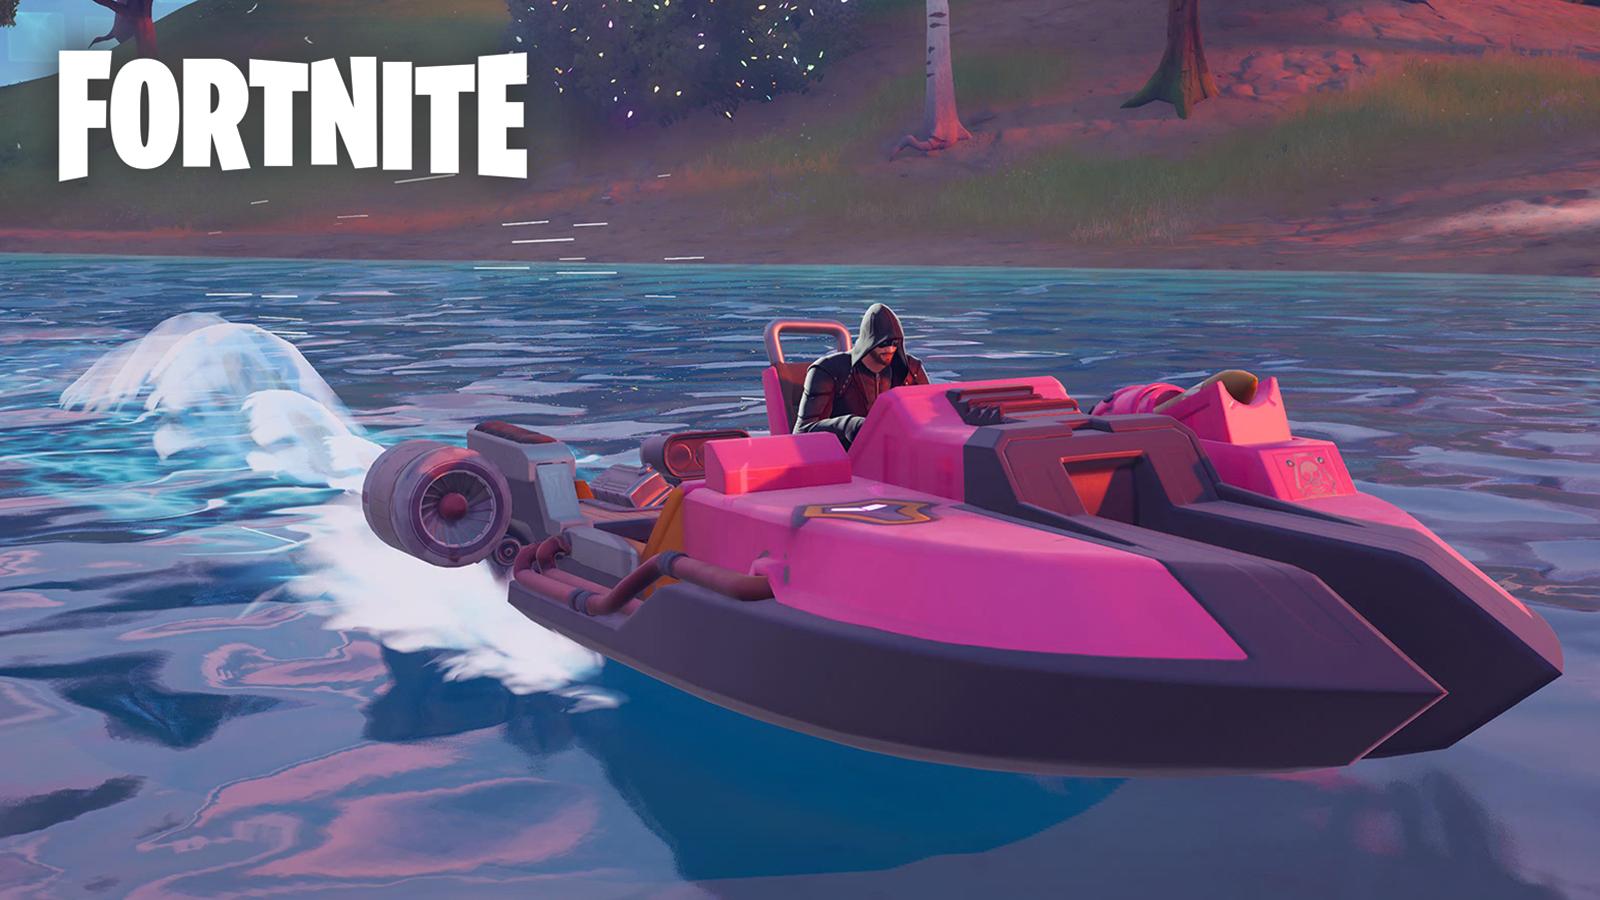 Les joueurs de Fortnite demandent le retrait des défis de véhicules